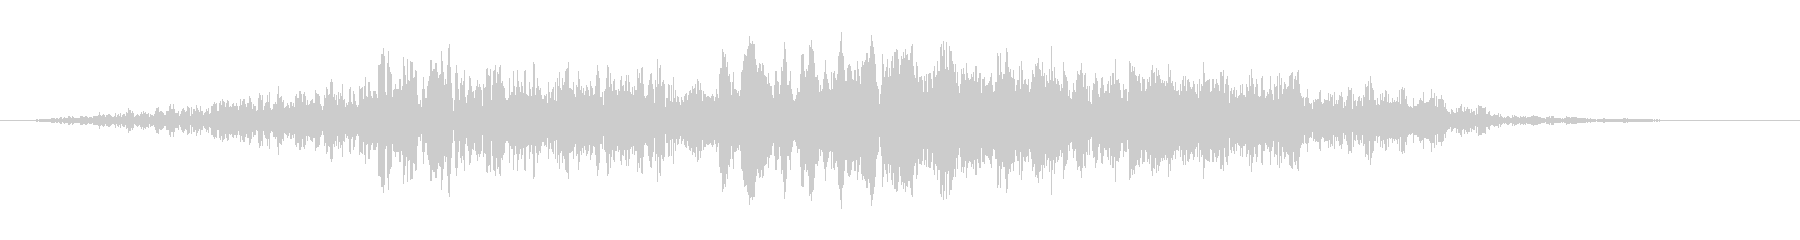 ホローフェーズドジェットフーシュ5の未再生の波形